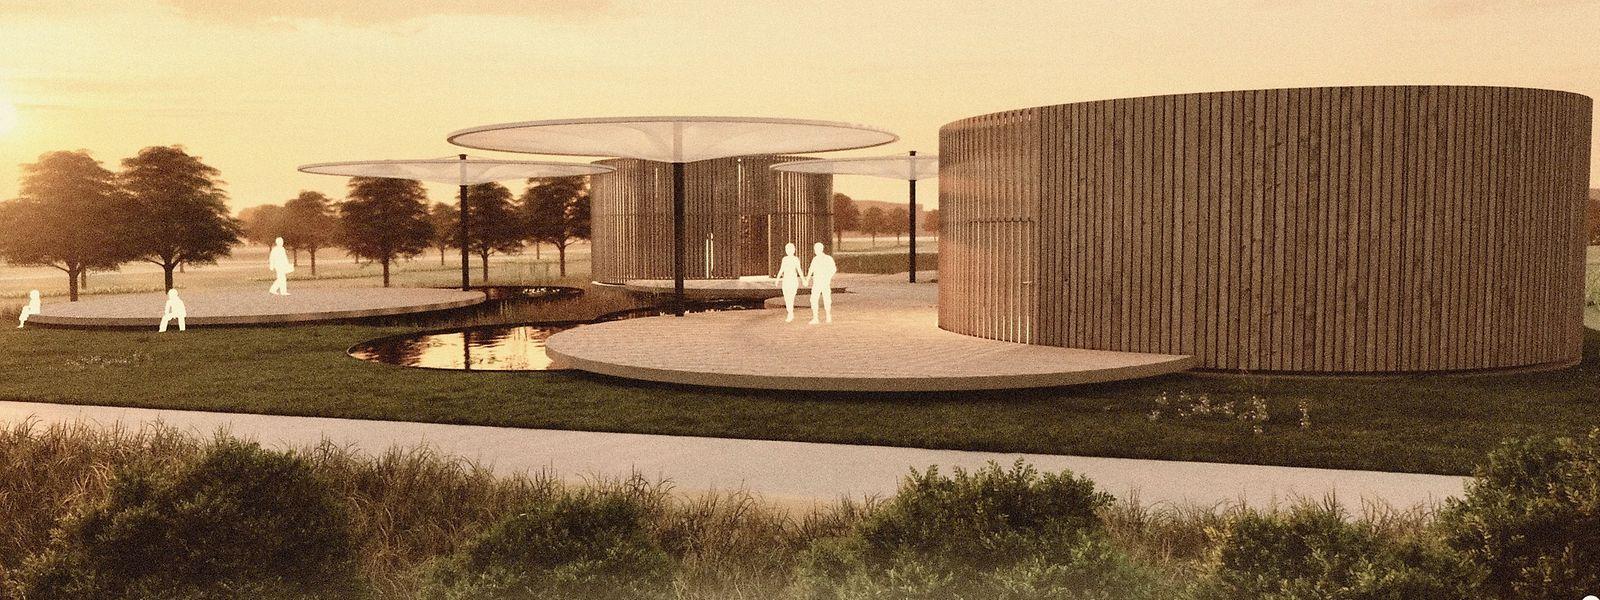 Ein solcher Pavillon soll für 2022 im Park Belval errichtet werden.